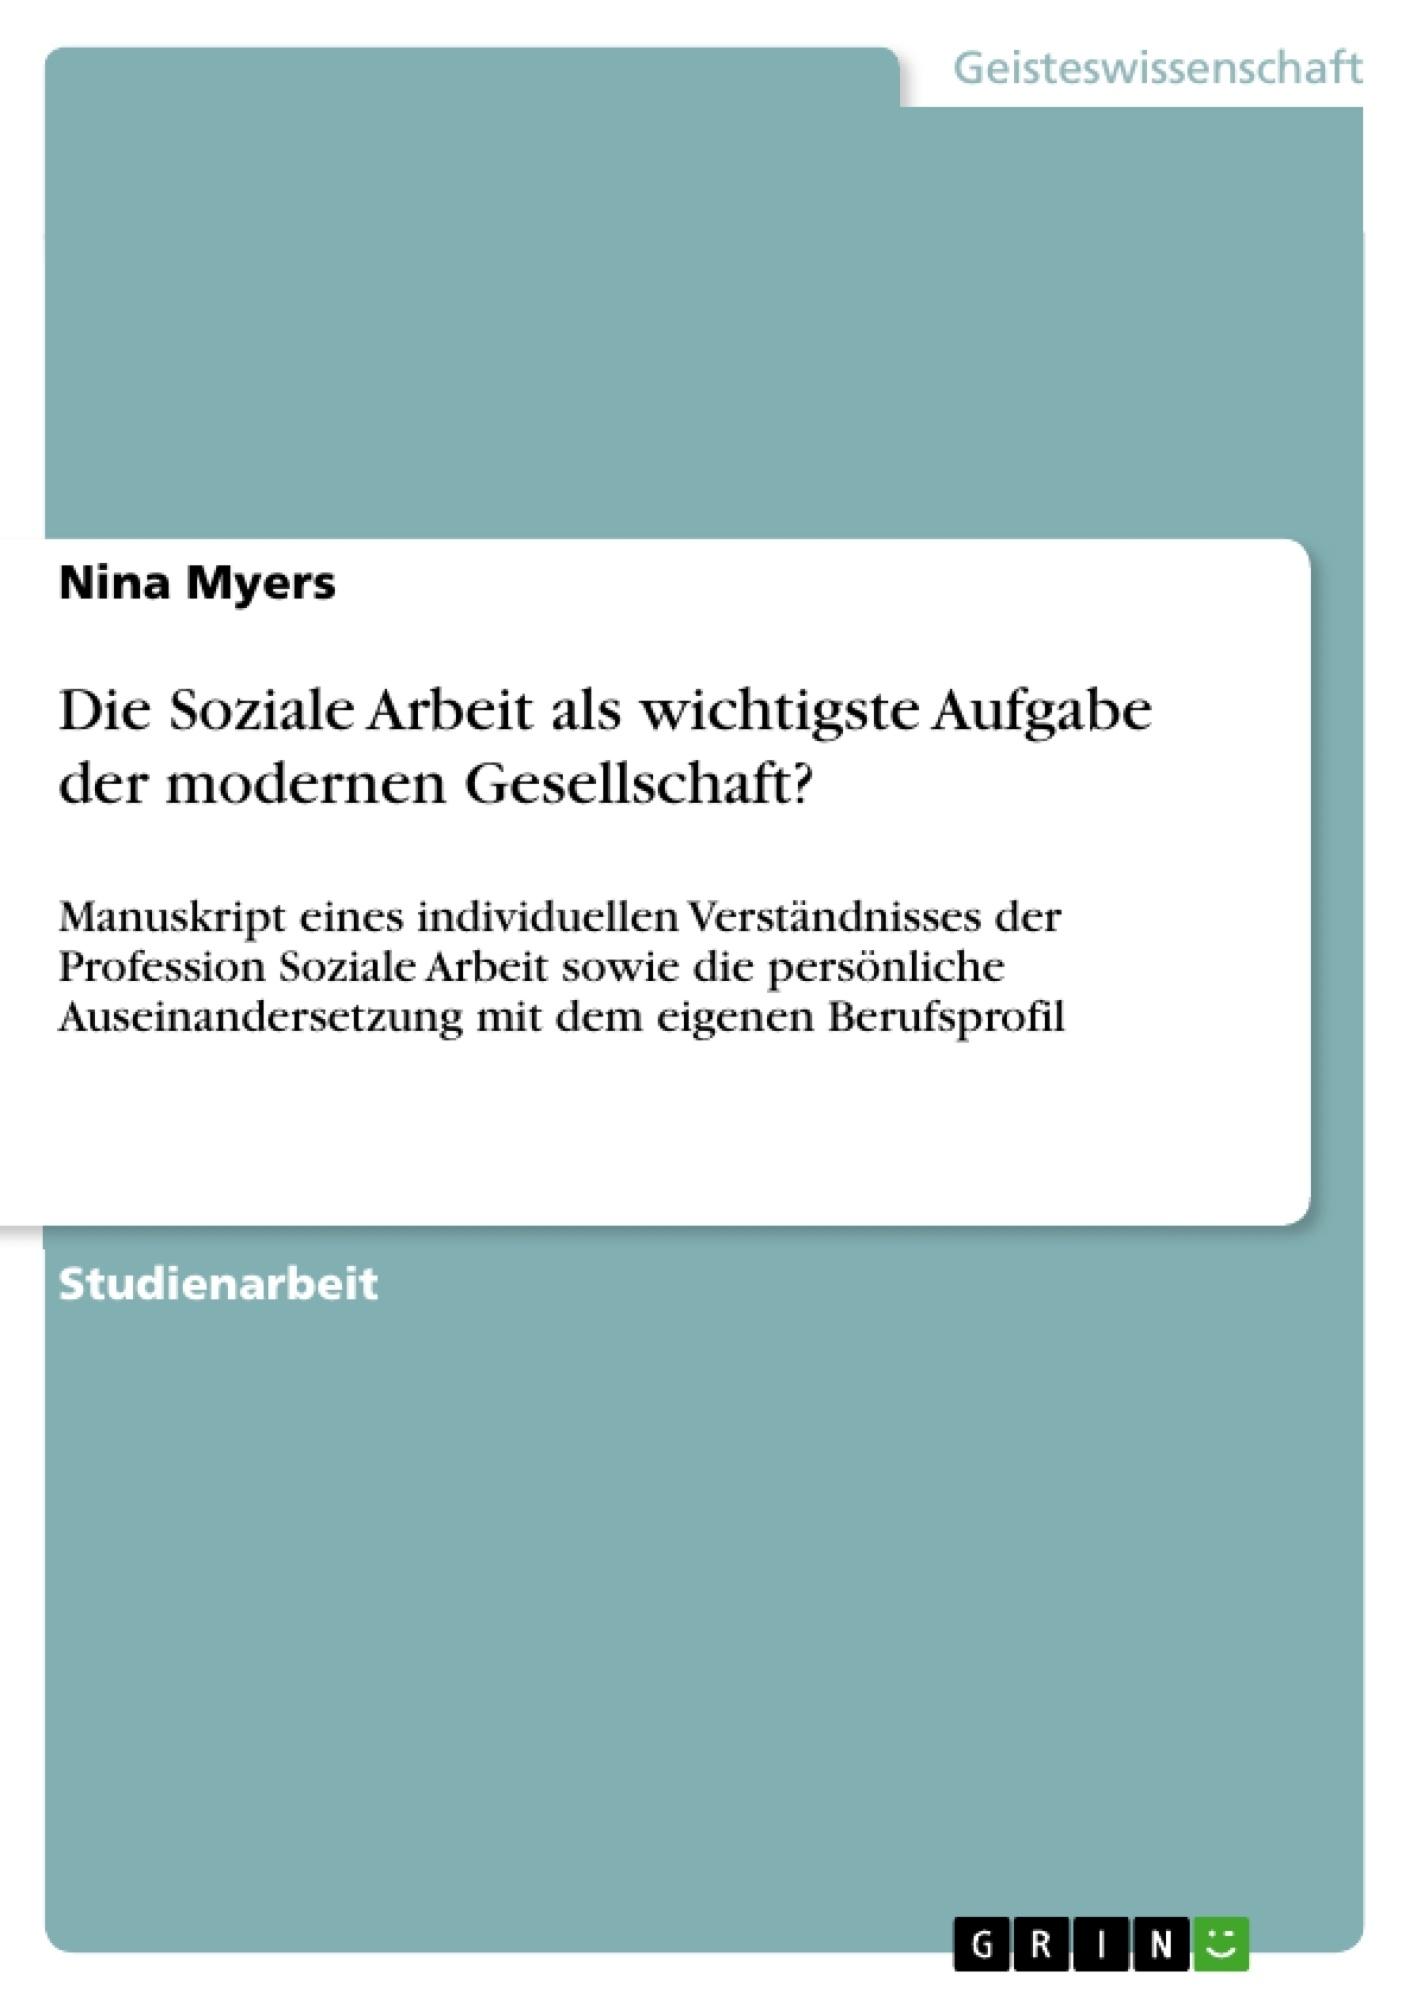 Titel: Die Soziale Arbeit als wichtigste Aufgabe der modernen Gesellschaft?